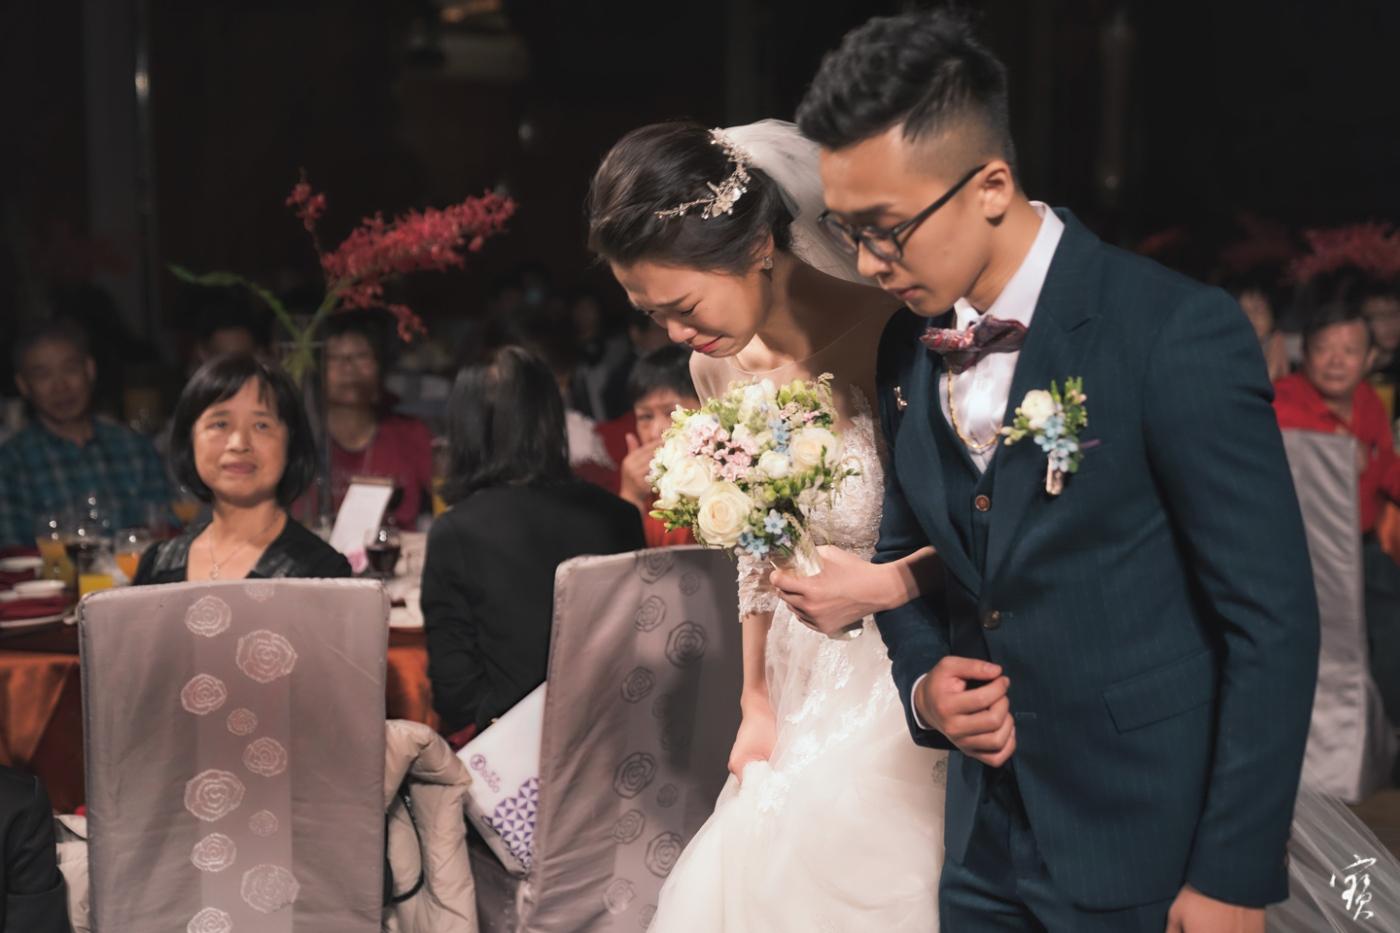 婚禮攝影 婚紗 大直 典華 冬半影像 攝影師大寶 北部攝影 台北攝影 桃園攝影 新竹攝影20181208-340